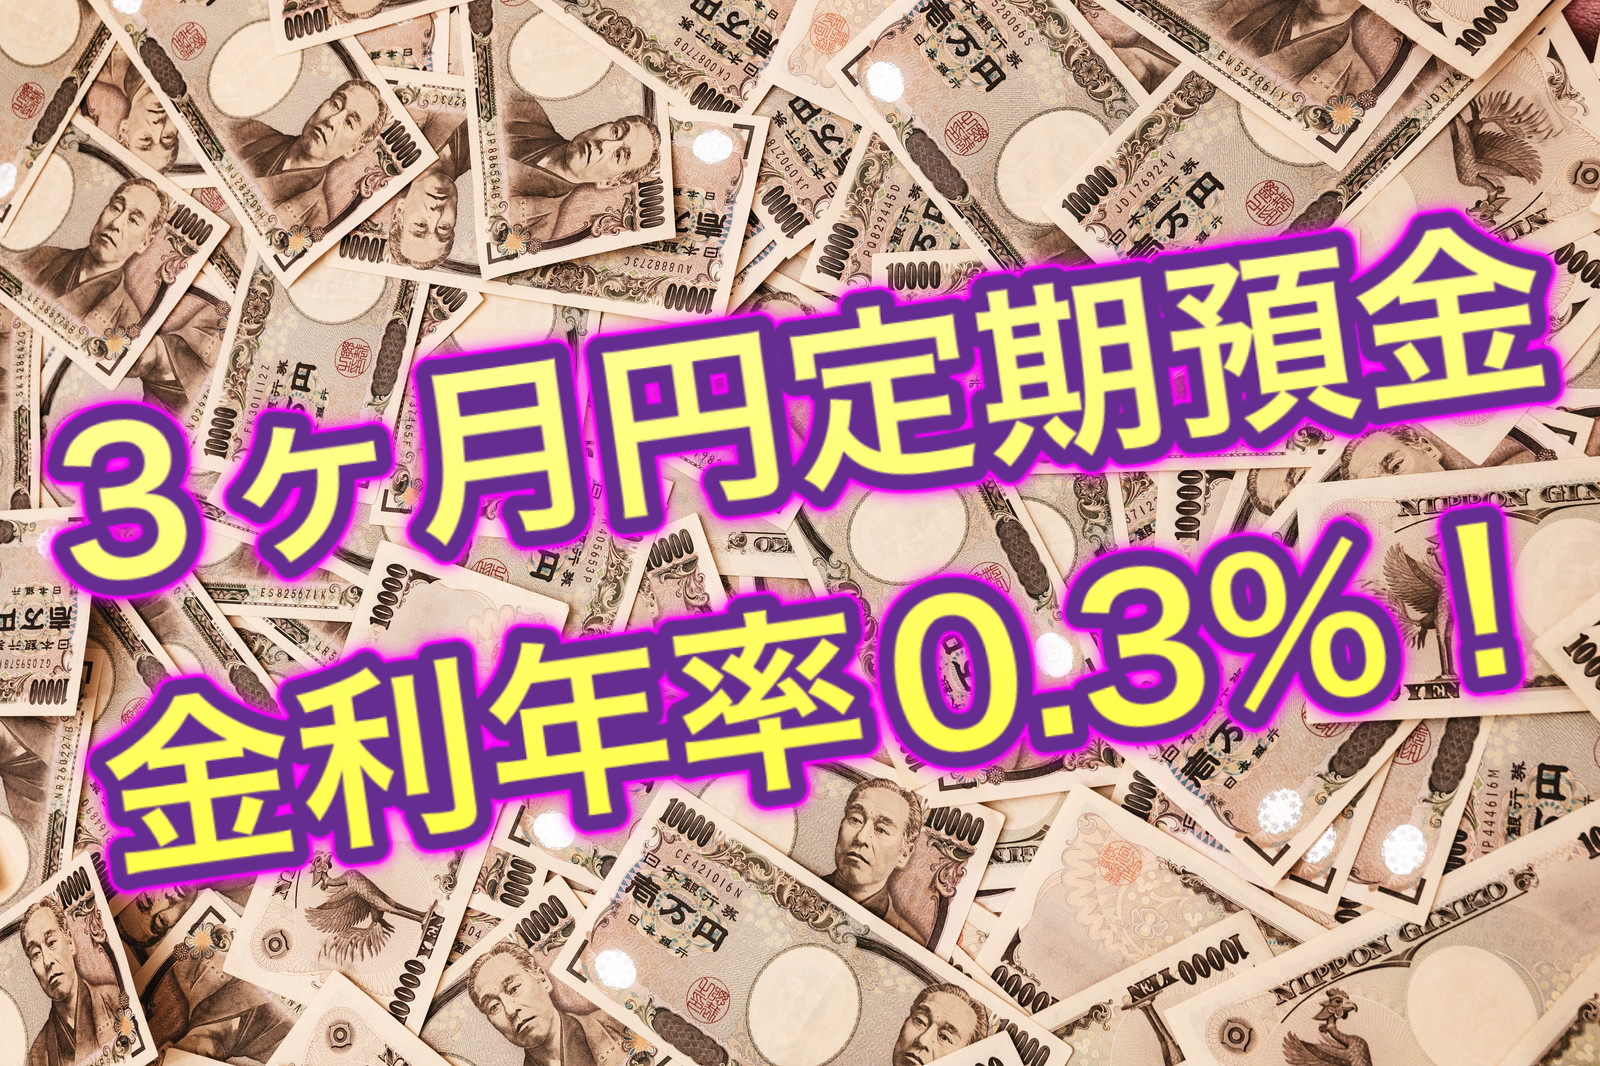 3ヶ月もの円定期預金、金利年率0.30%(税引後 年0.23%)に! イメージ画像